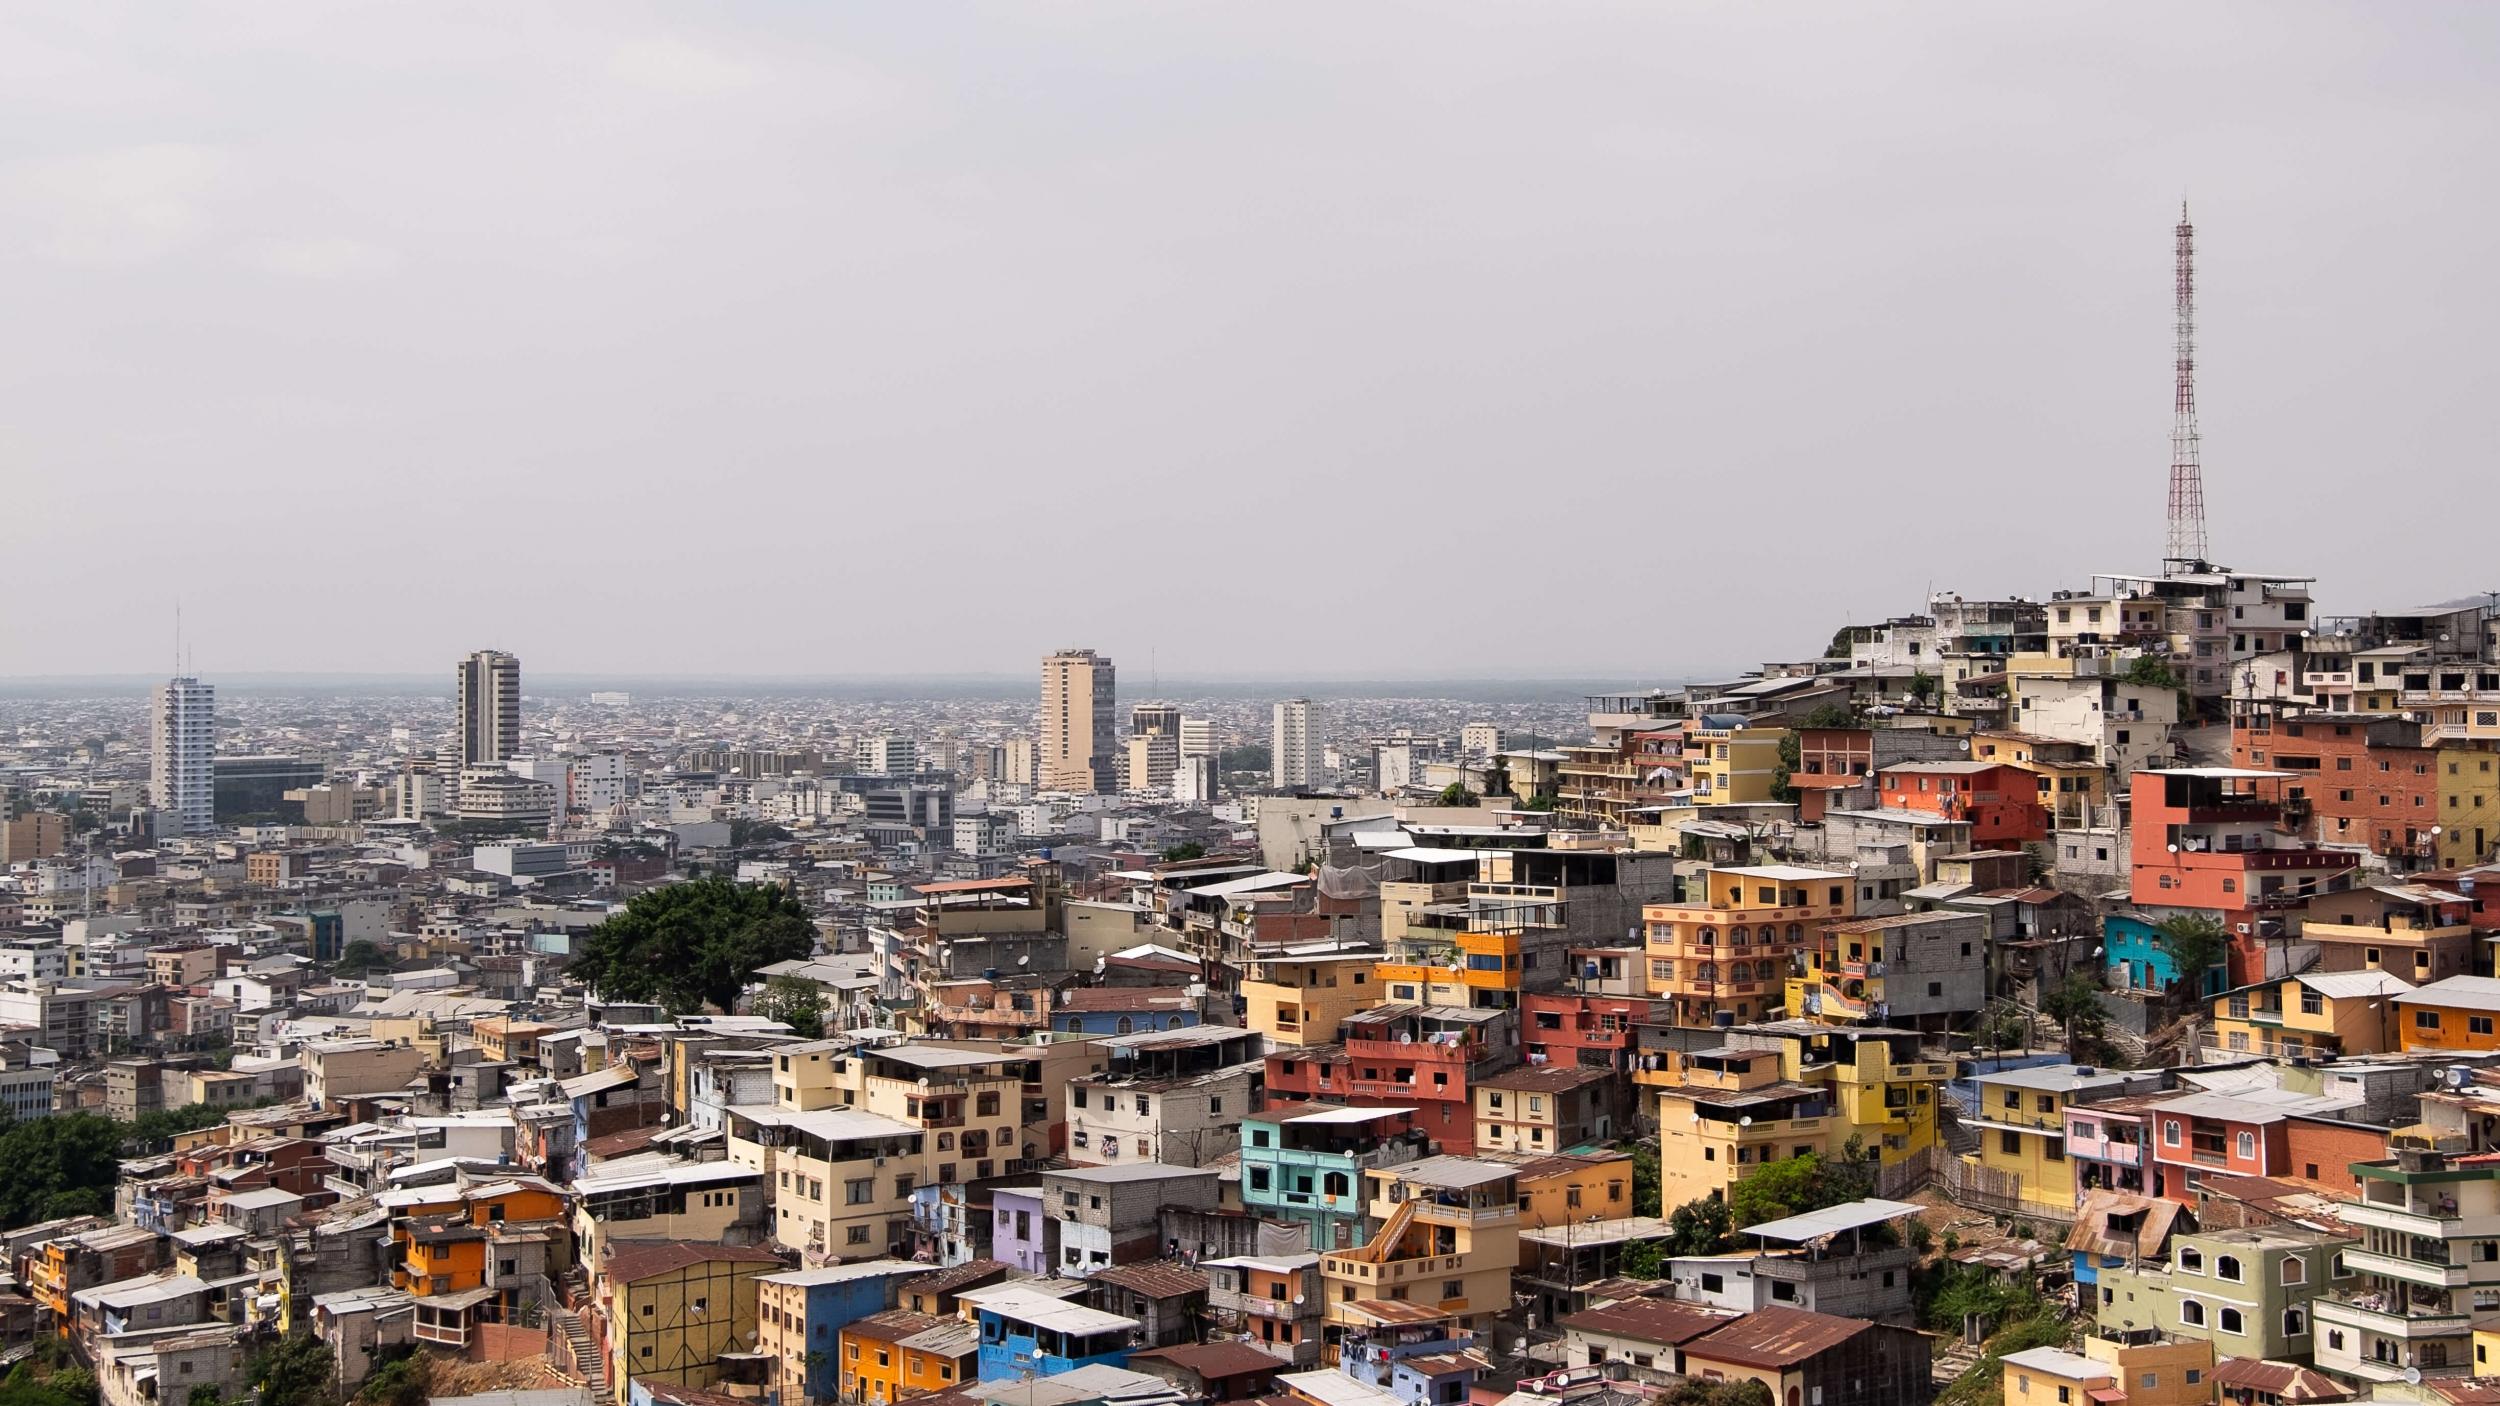 Guayaquil, Amérique du sud, las Peñas, Blog de voyage, Blog de photographie, Voyage en Equateur